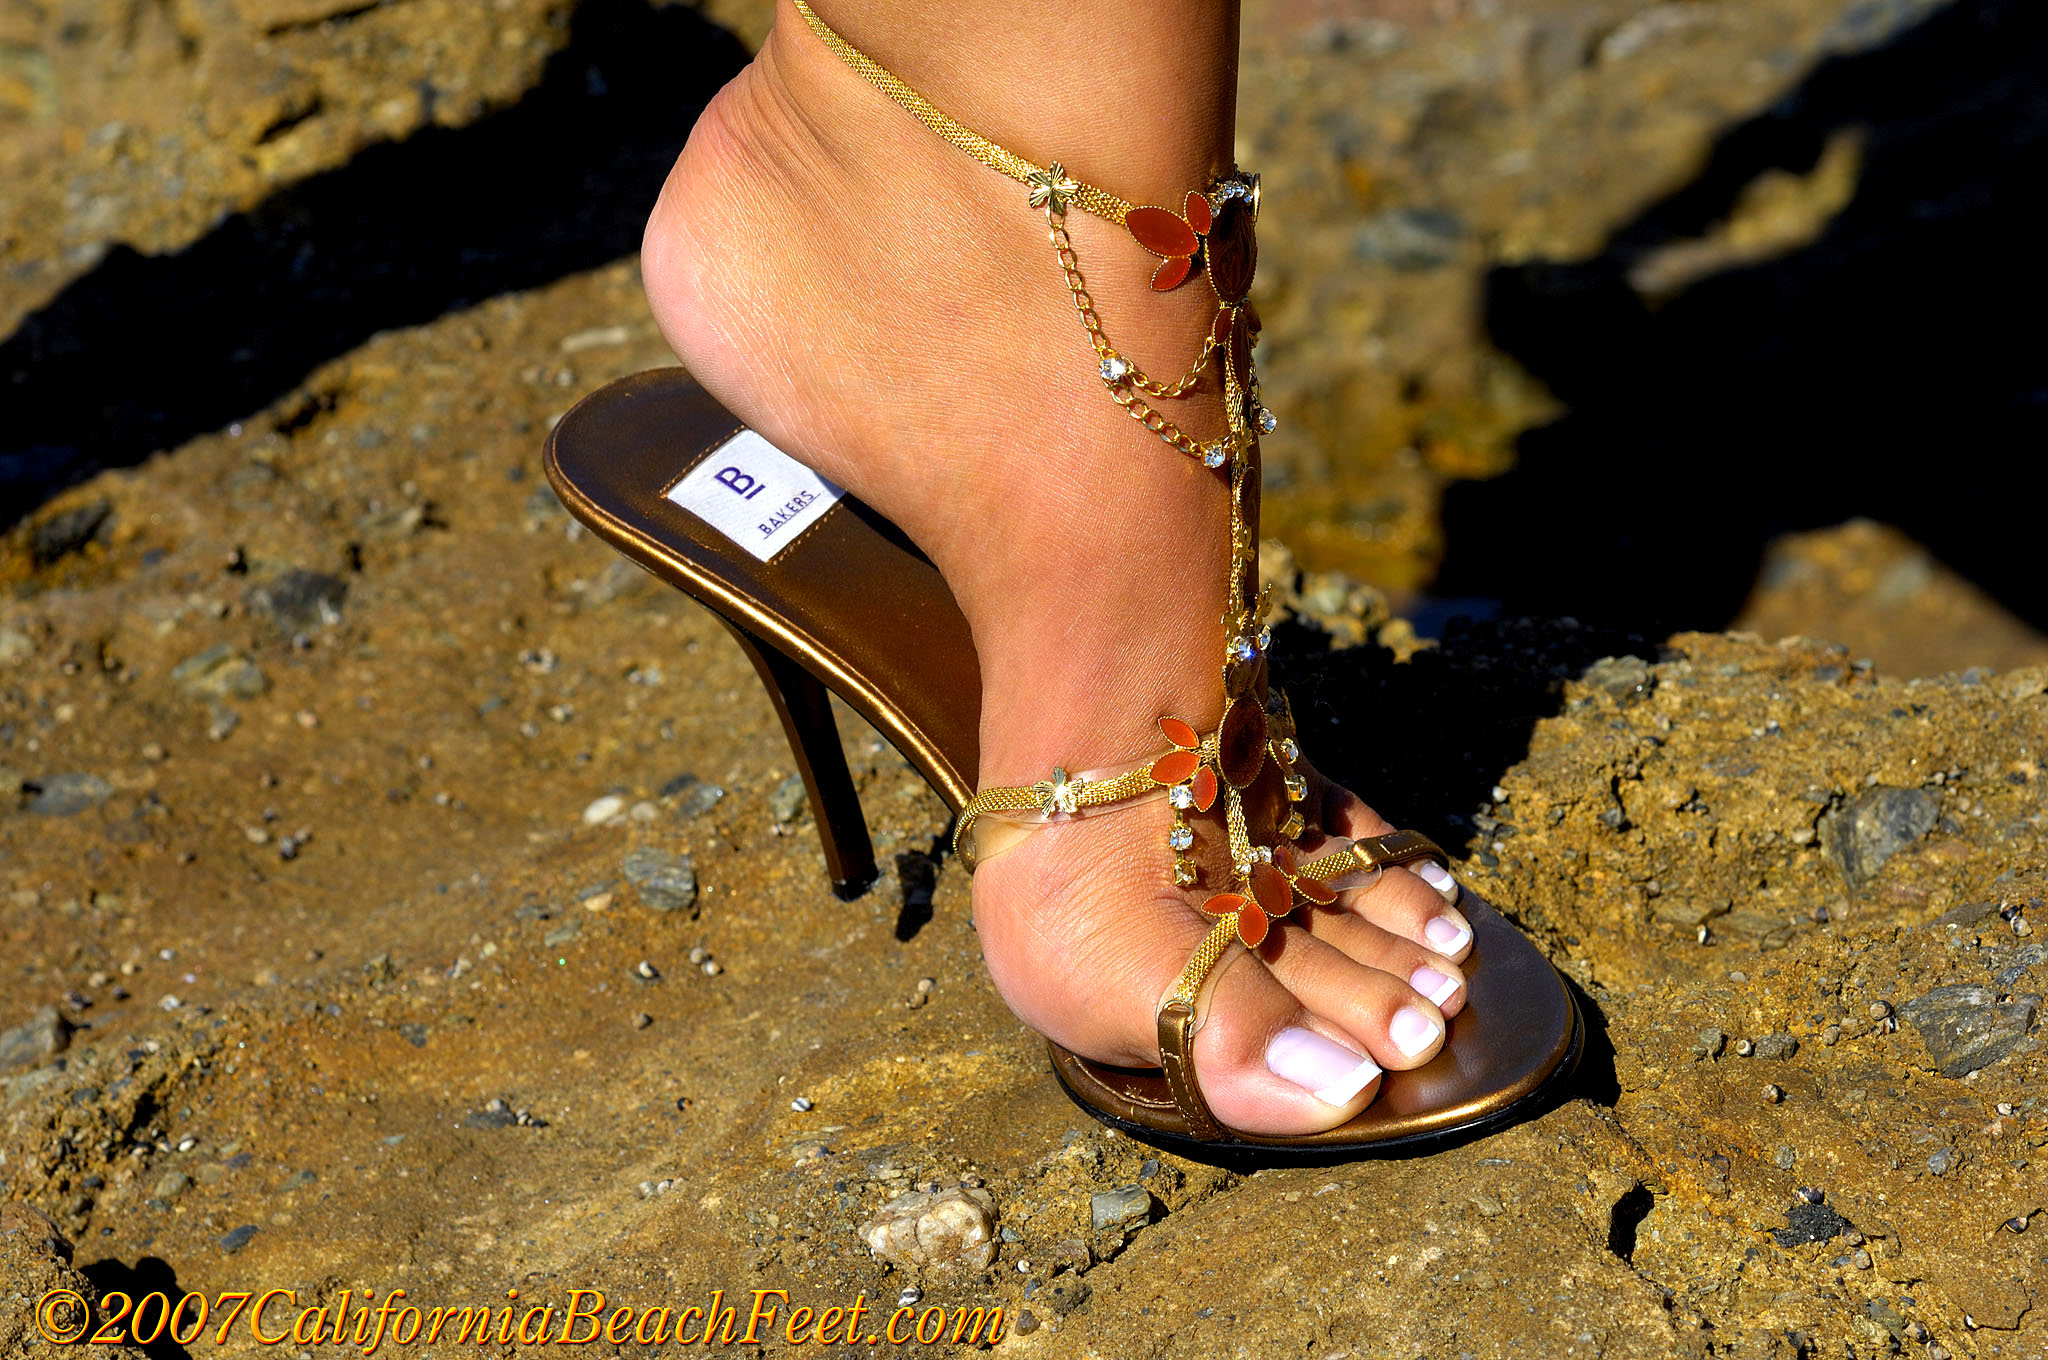 Целую ноги госпоже 5 фотография